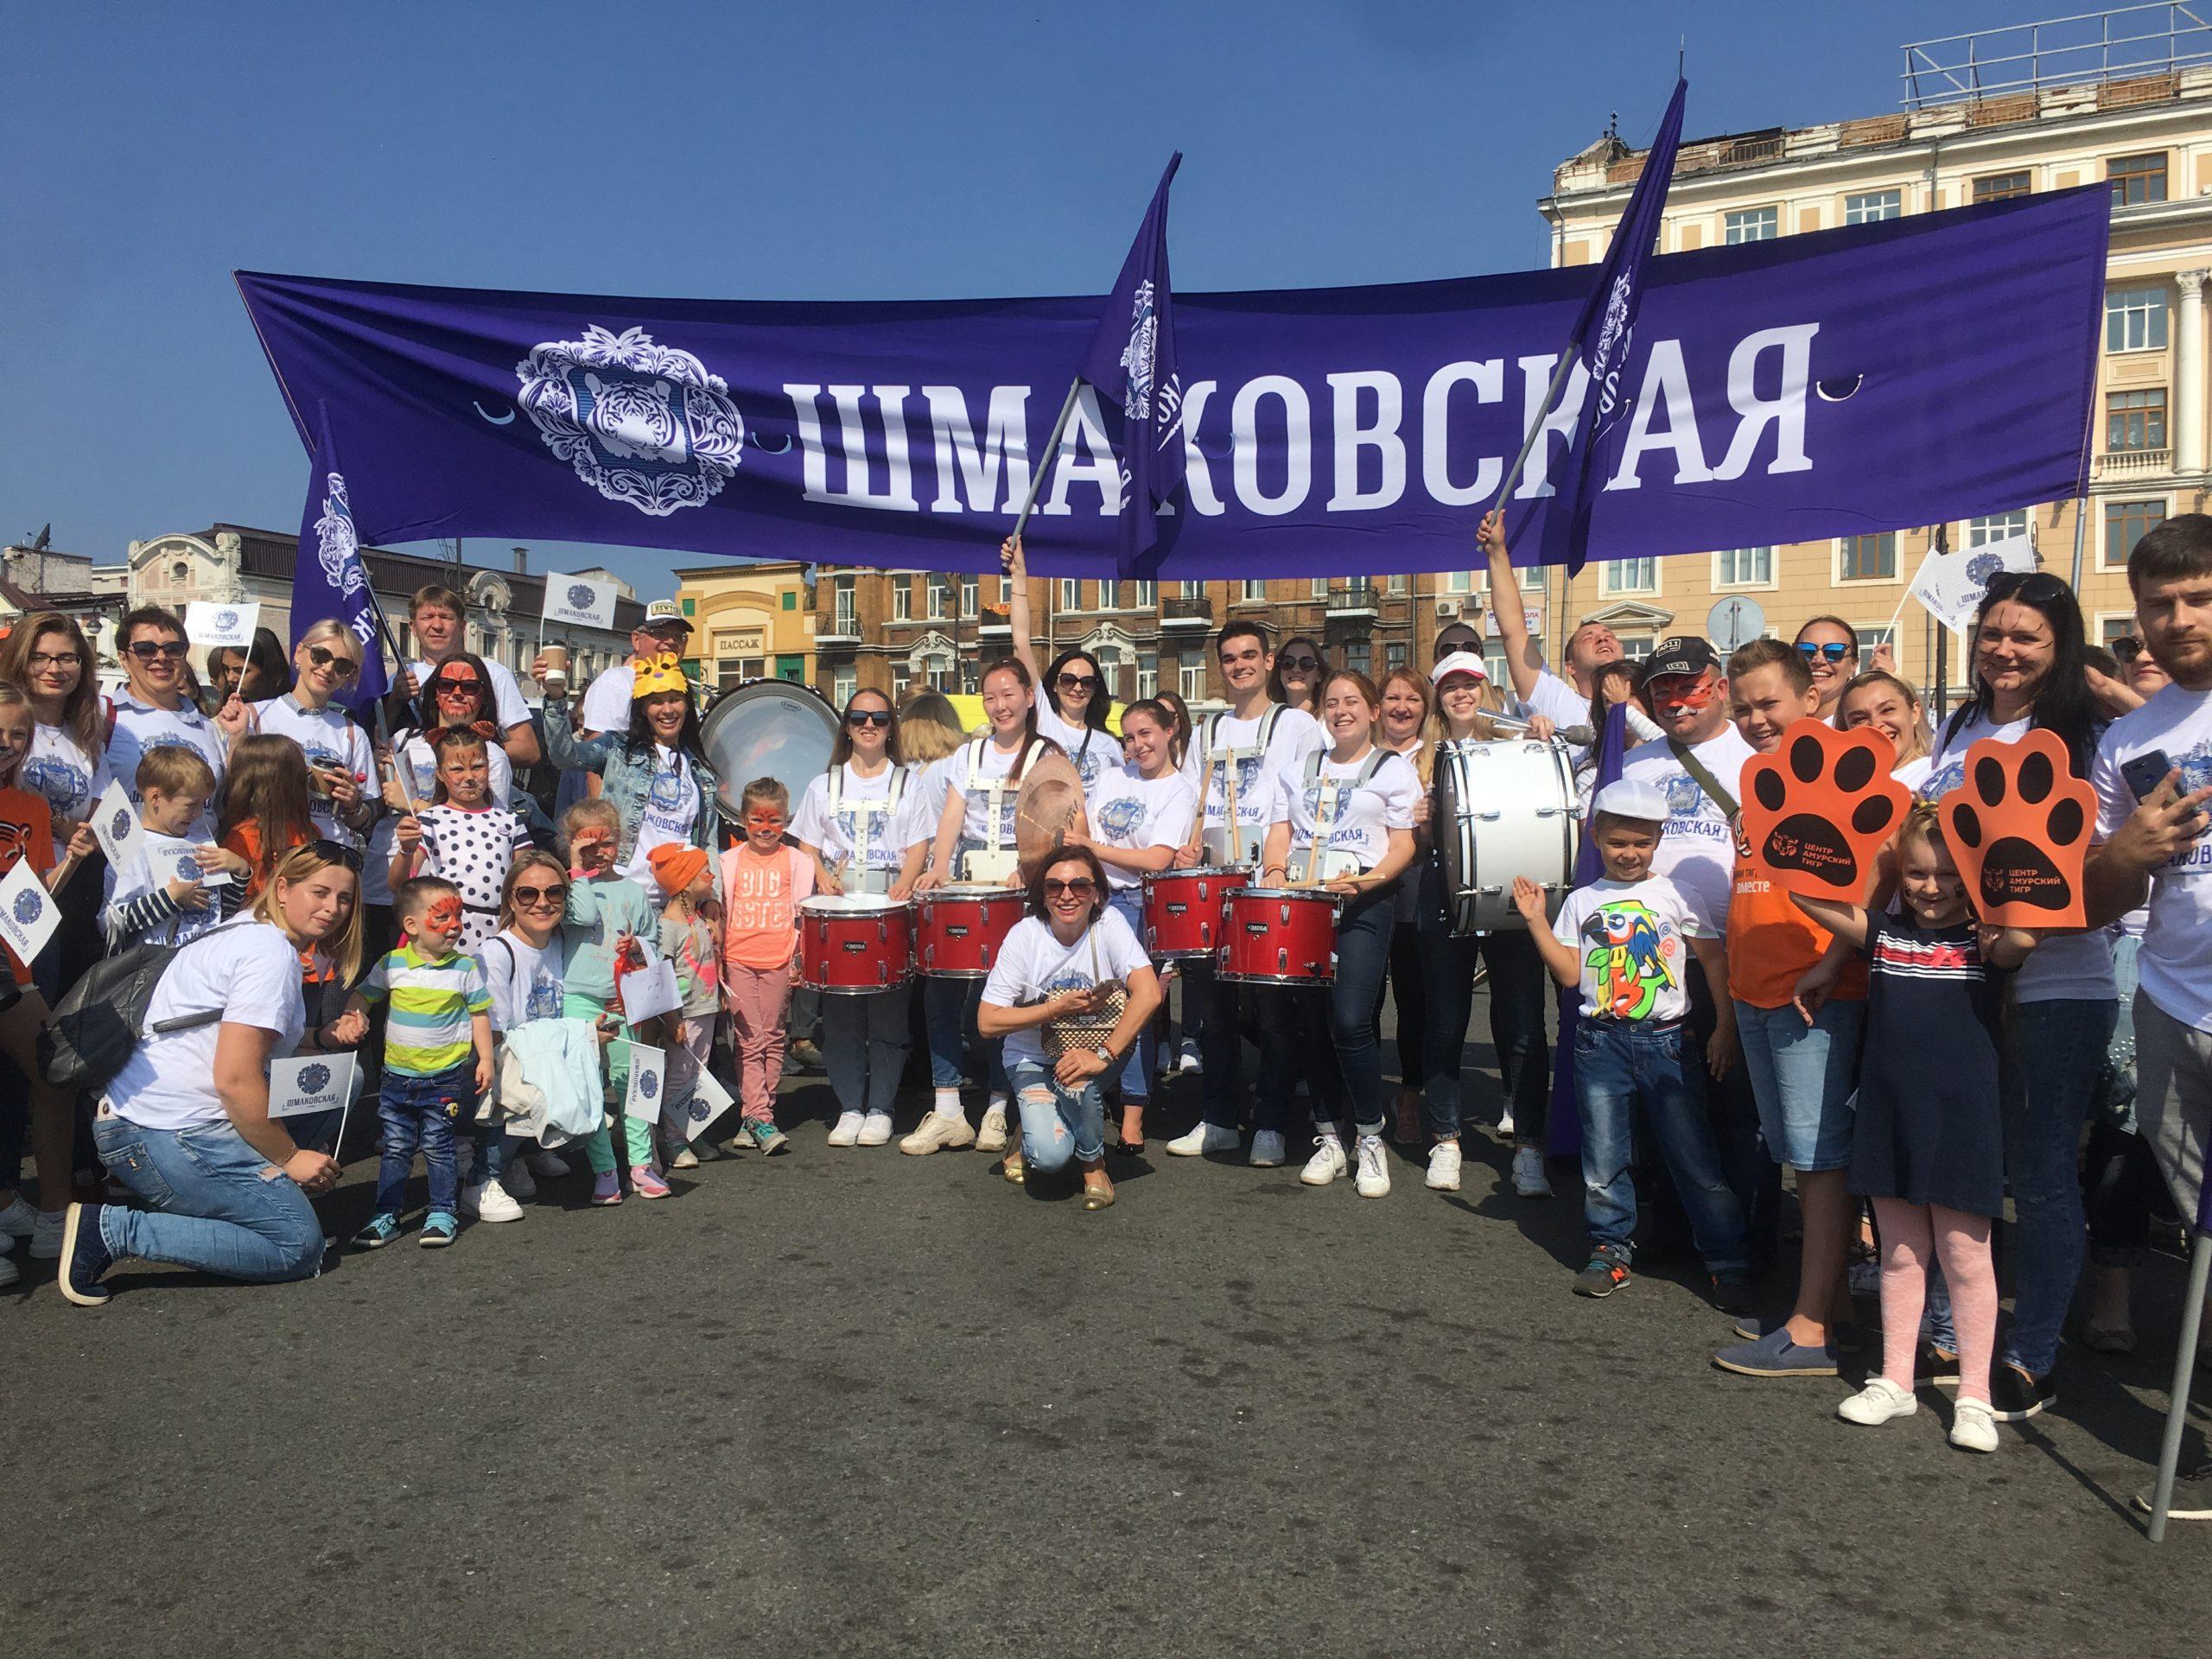 什马科夫弗斯卡亚庆祝老虎日